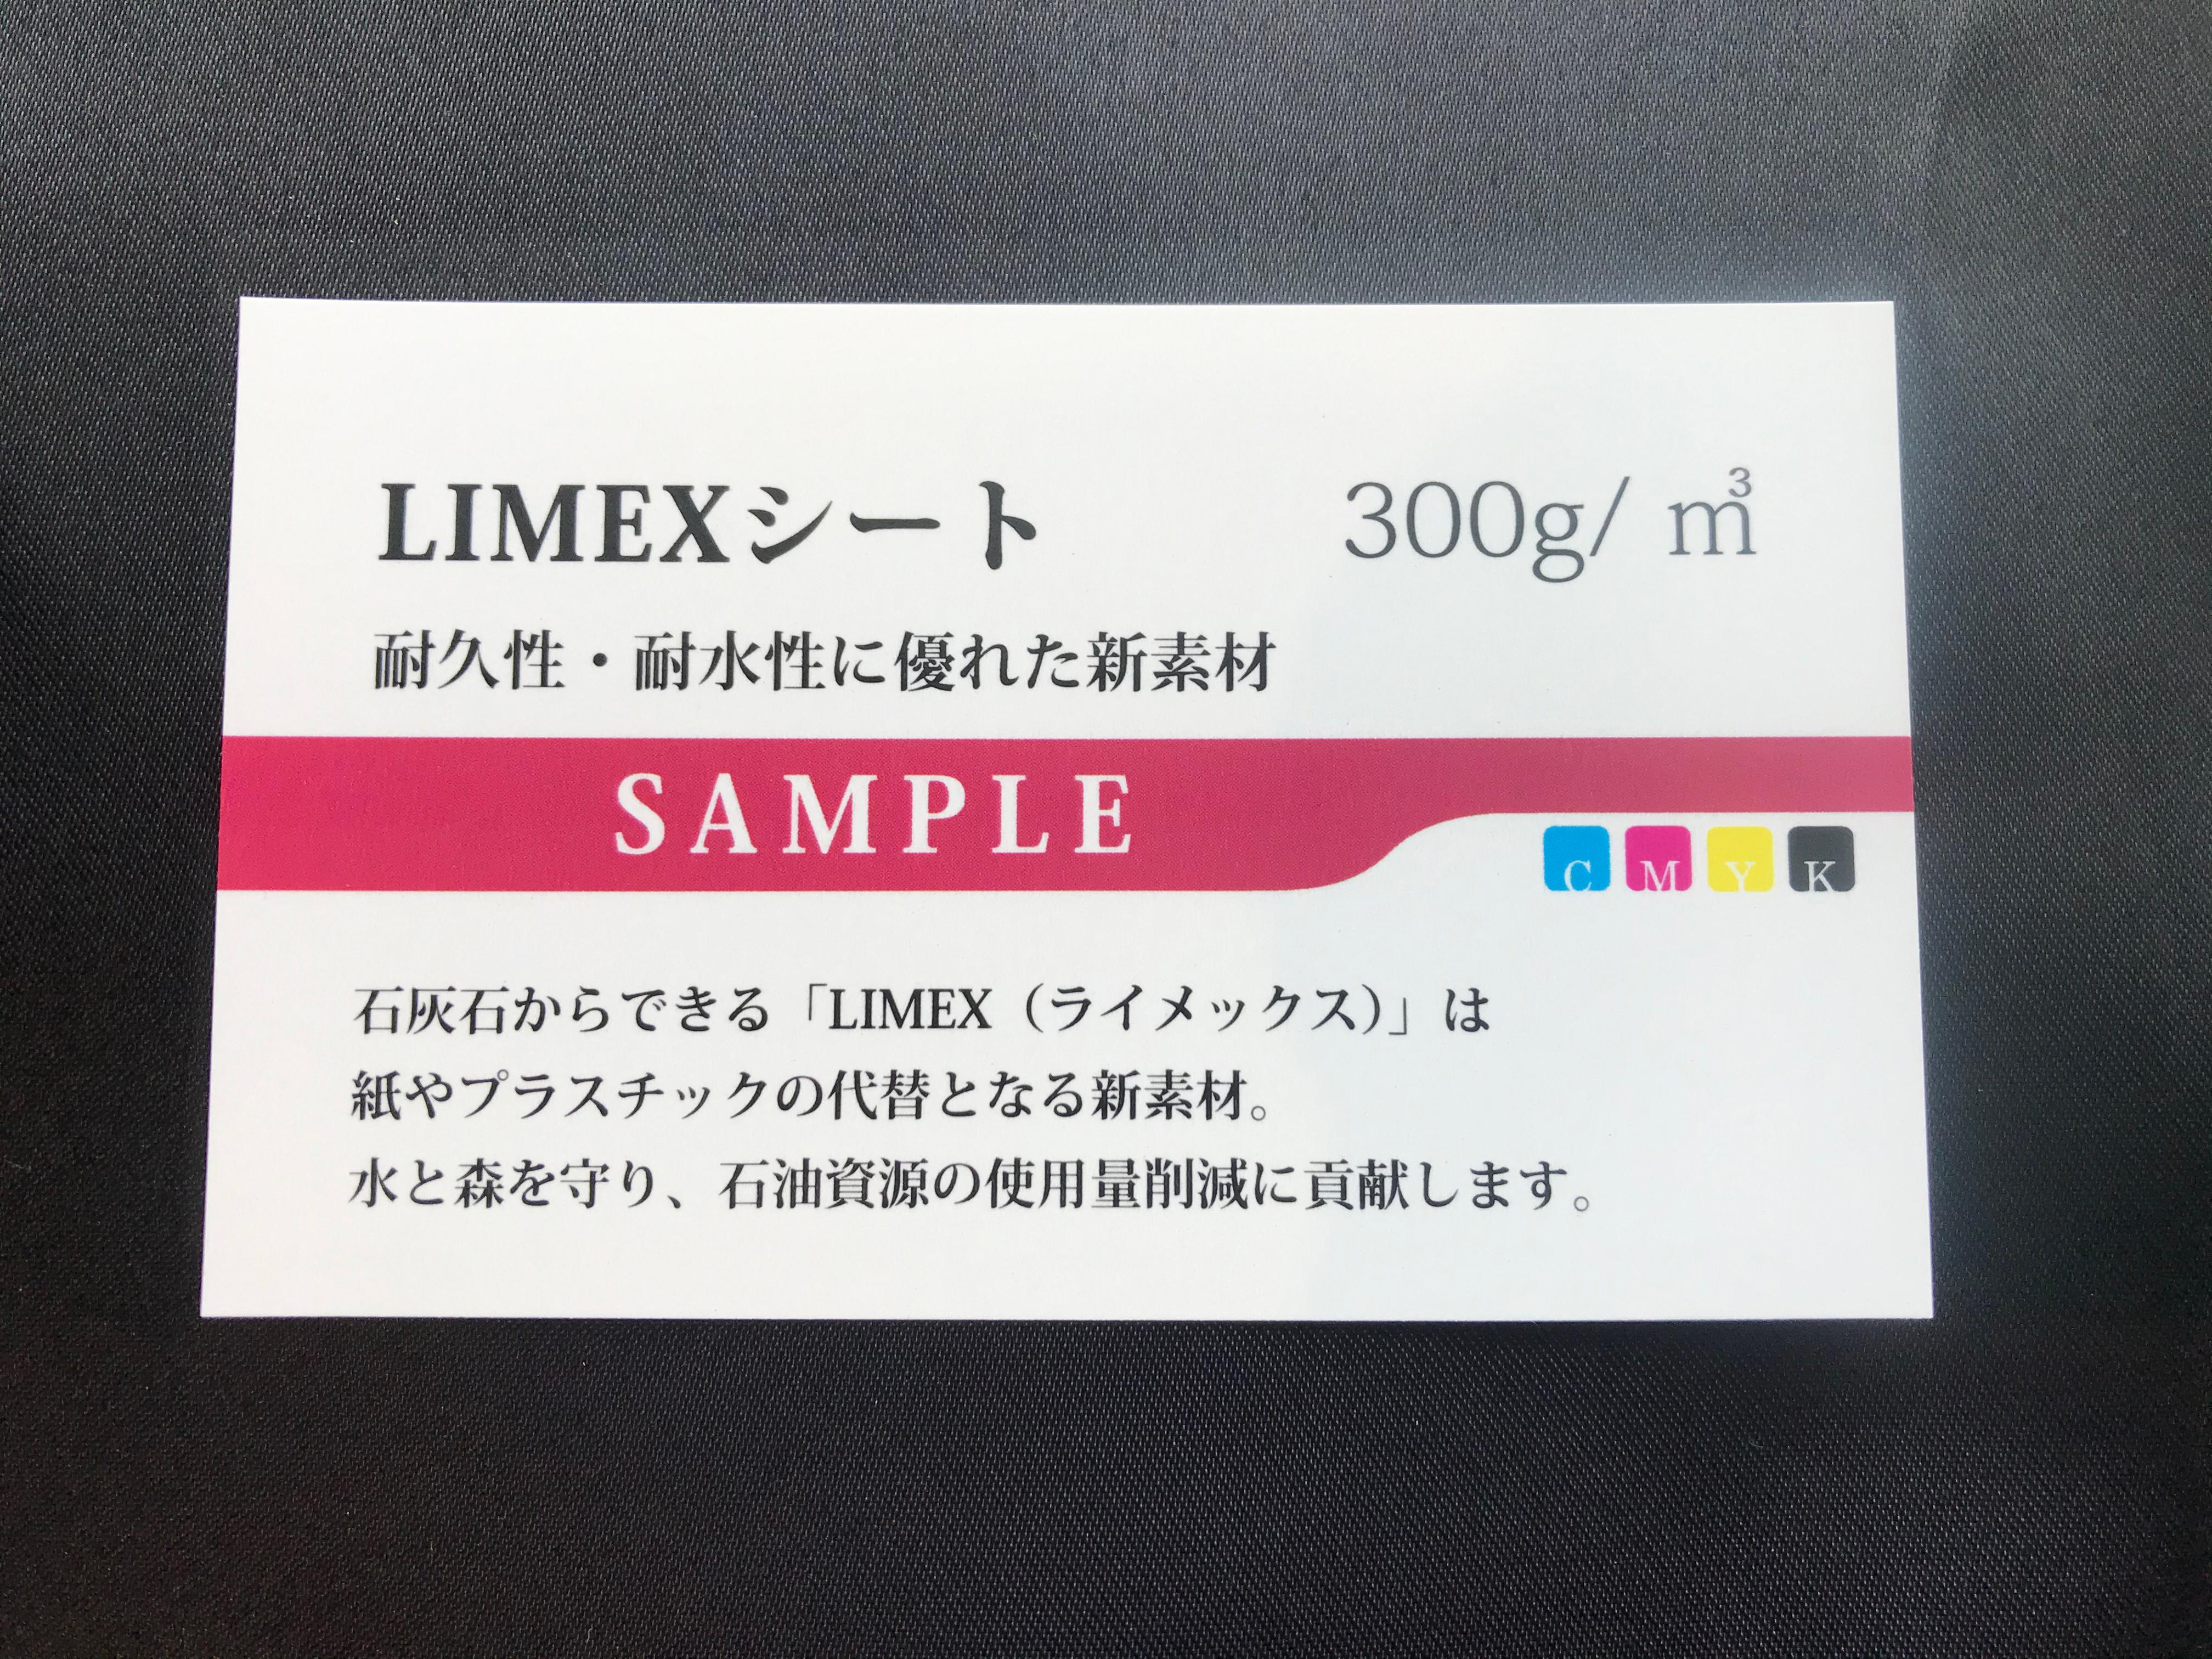 除菌・消毒できる名刺用紙『LIMEX』の写真